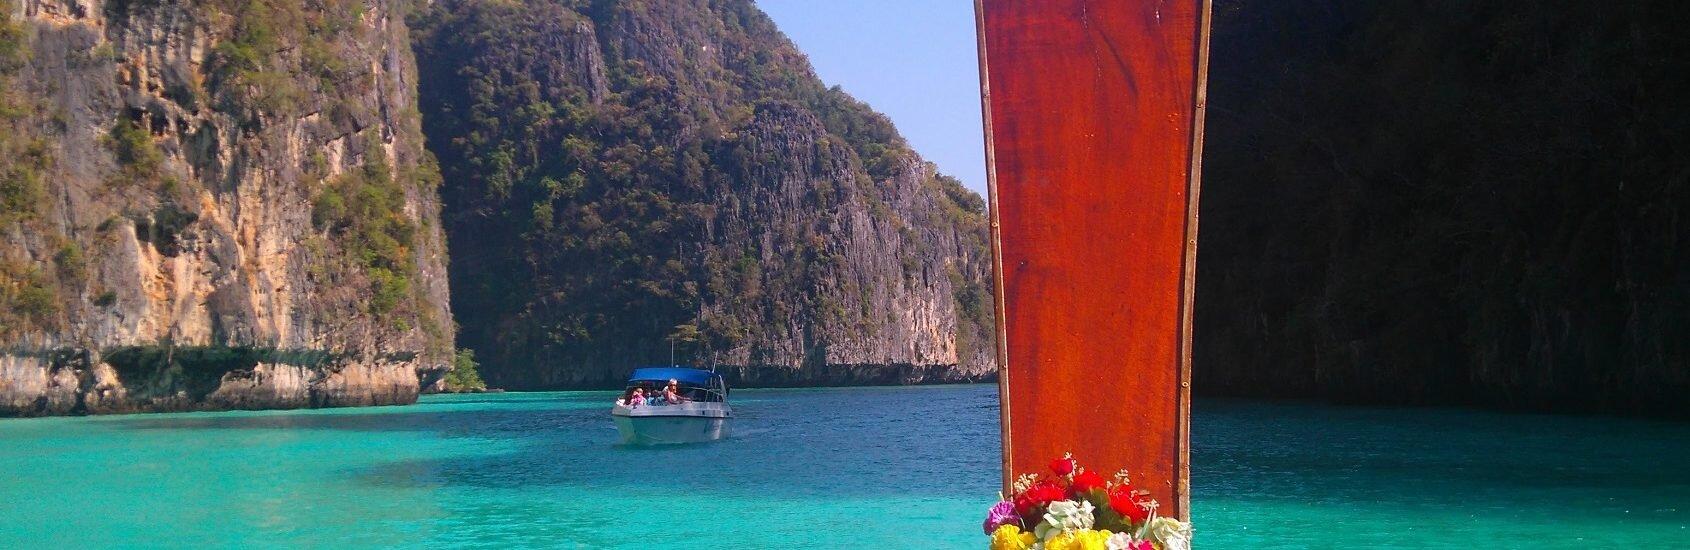 viagem para tailandia